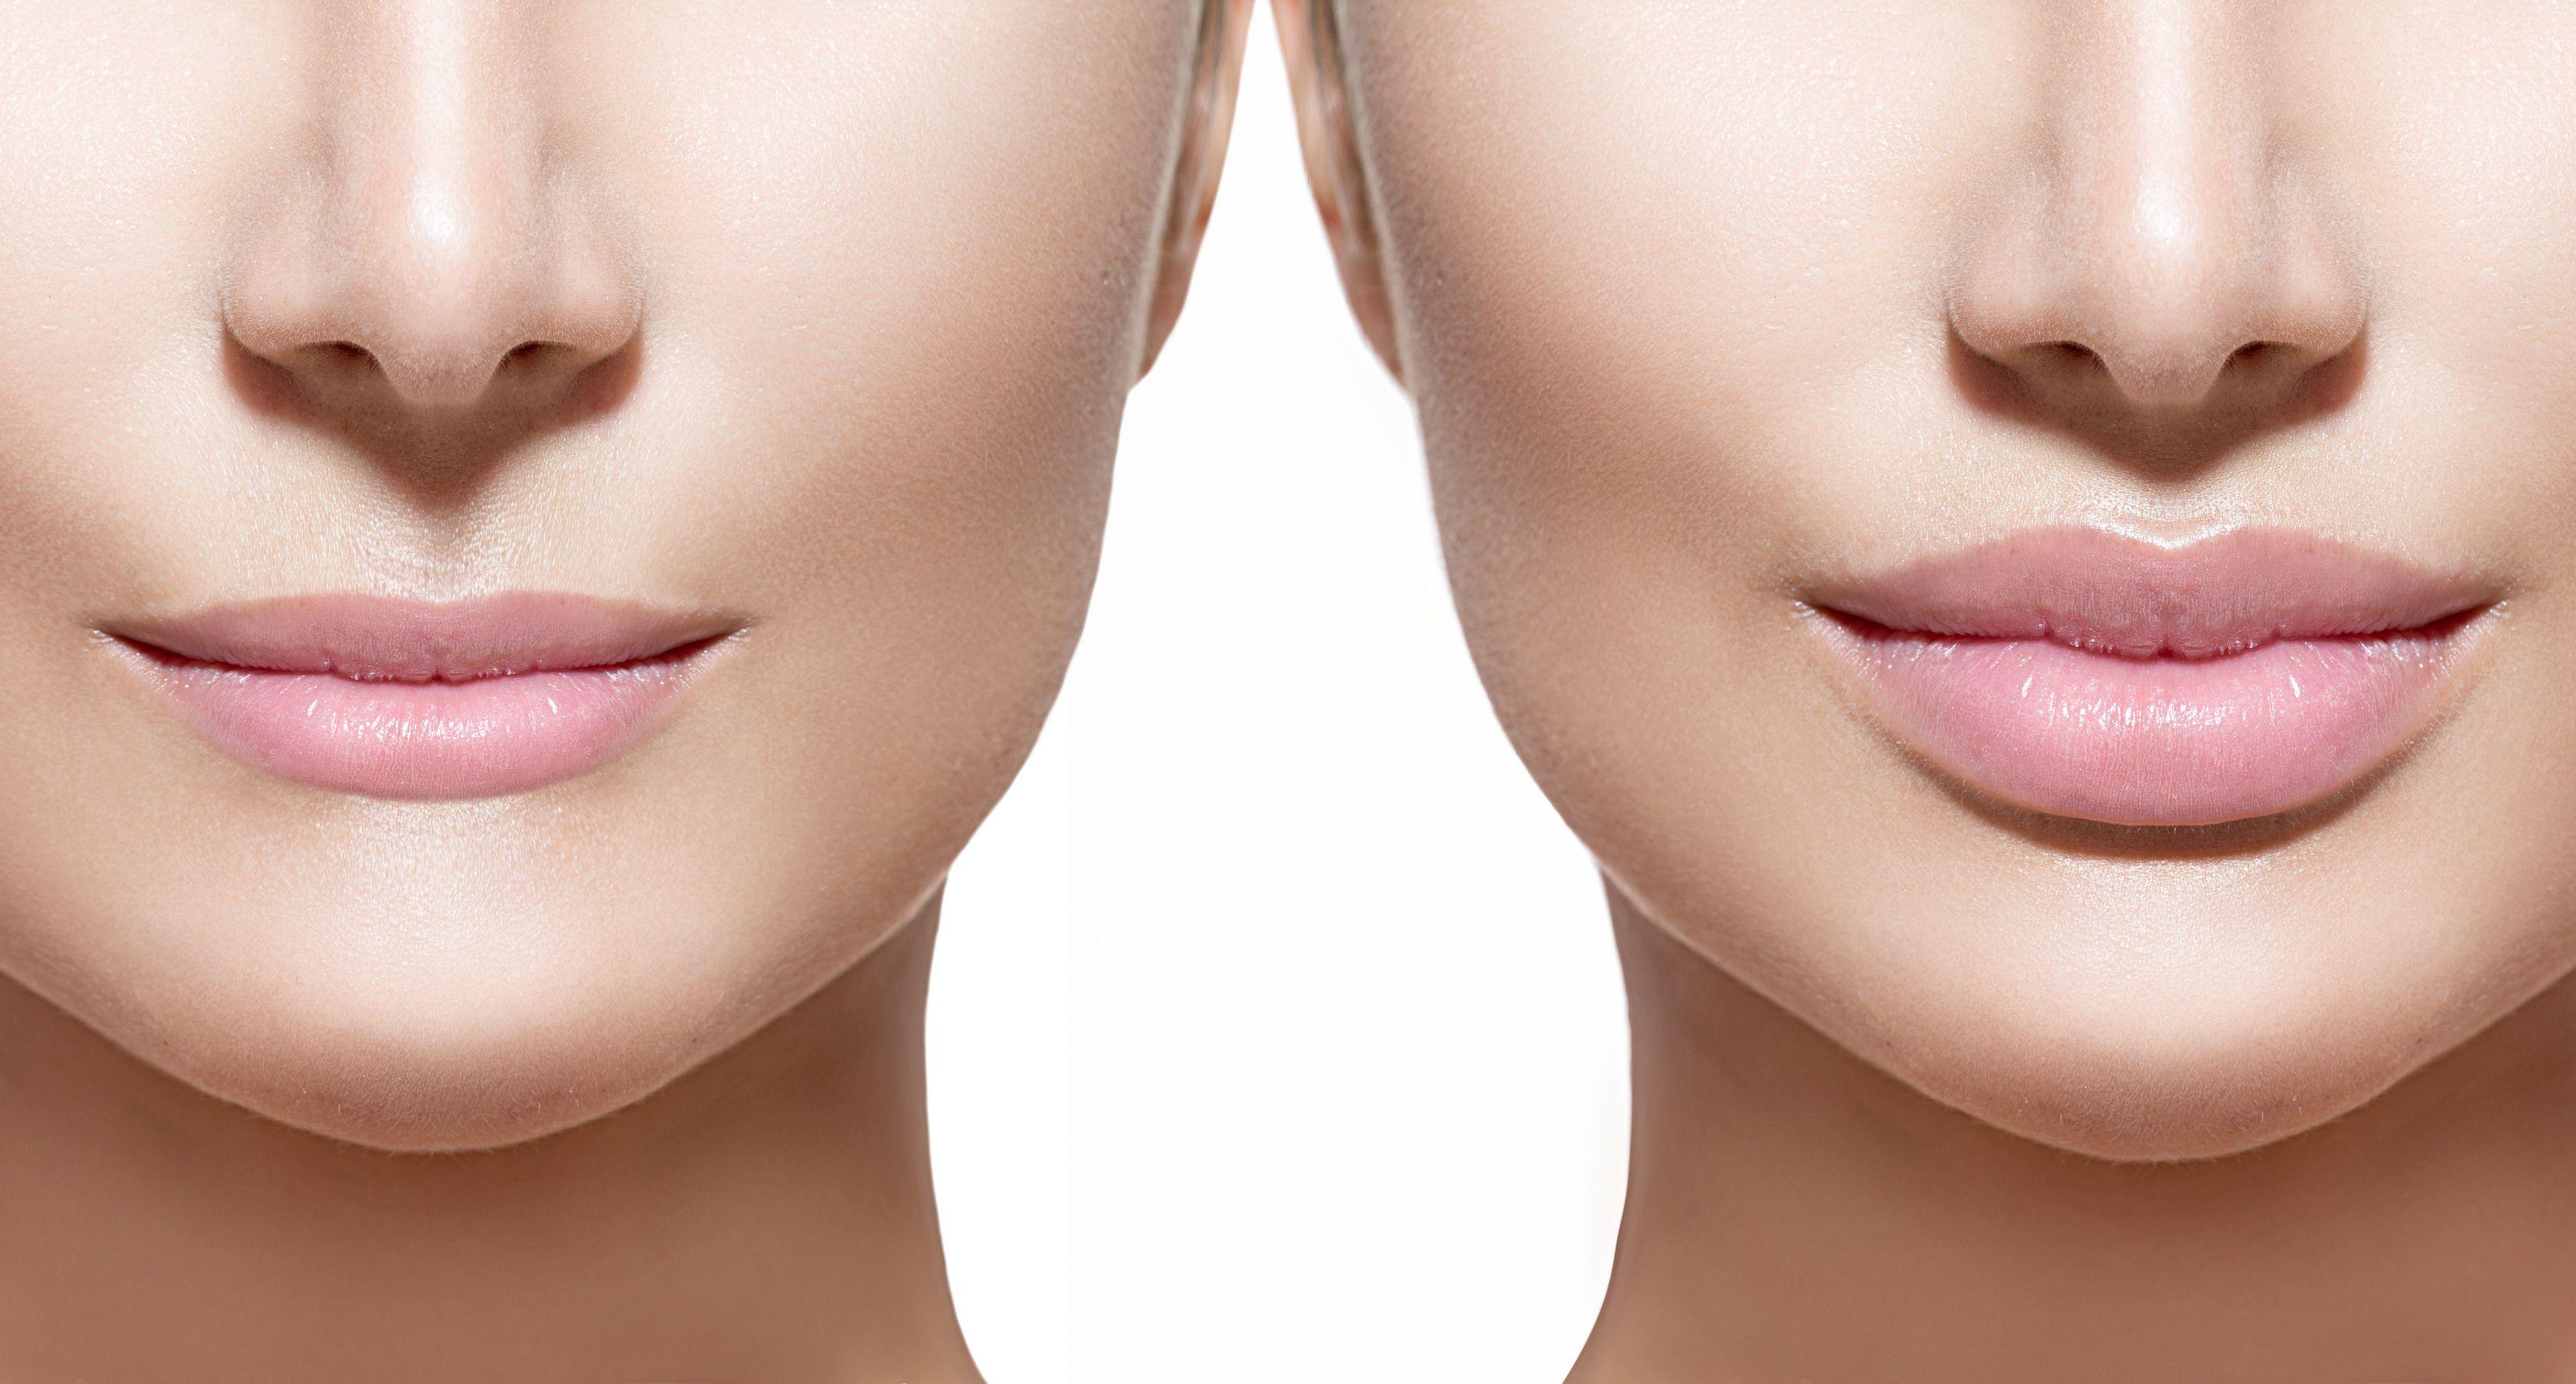 Image result for Appearance vs Dermal Fillers